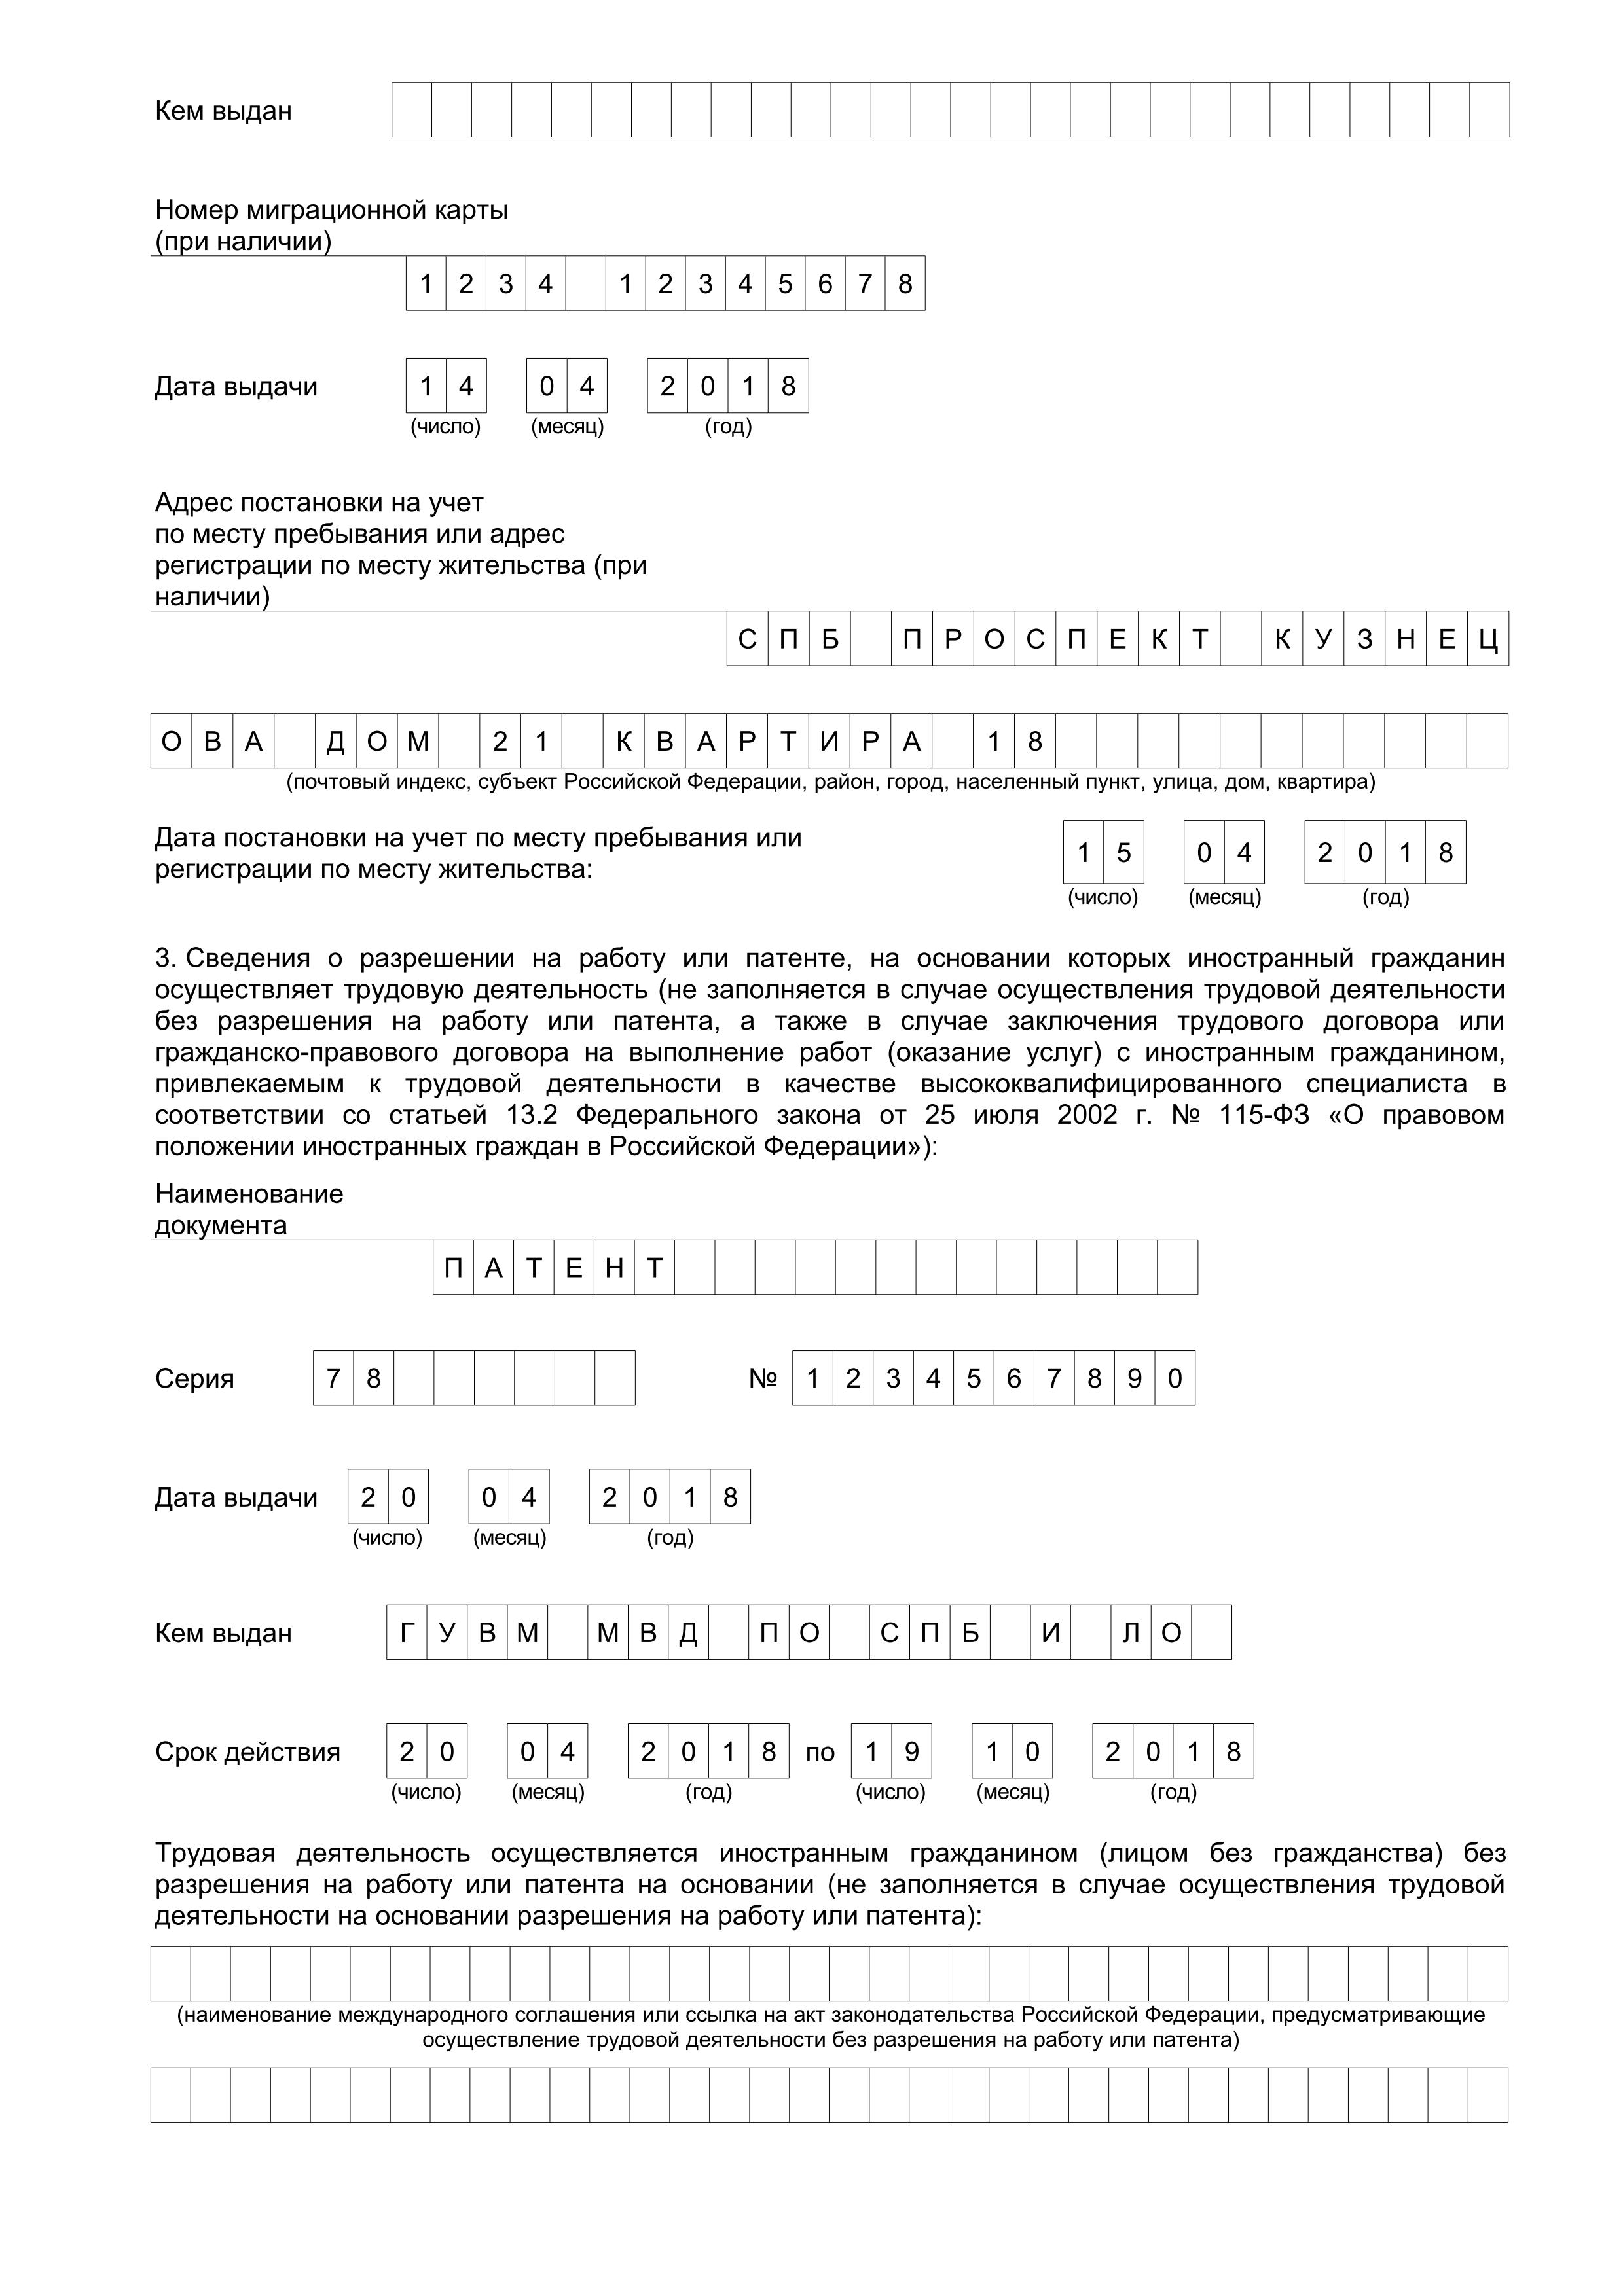 Справка для работы в МО для иностр граждан Улица Чехова медицинская справка ф 001 гс у